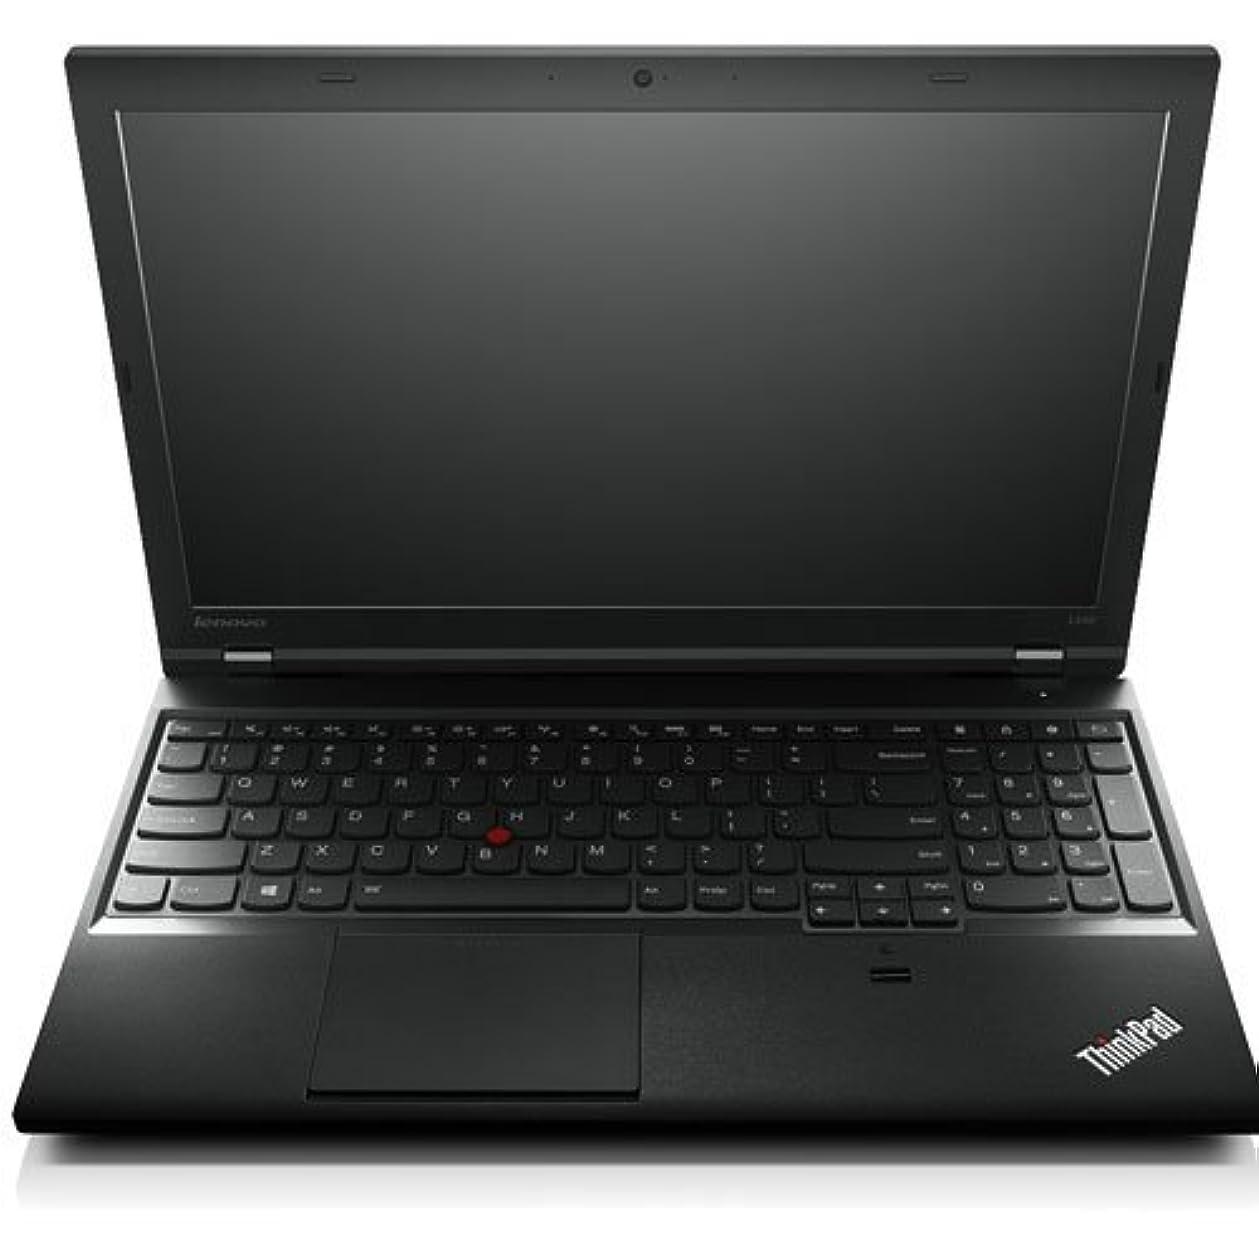 砂漠農業モッキンバードレノボ?ジャパン 20AV007AJP ThinkPad L540